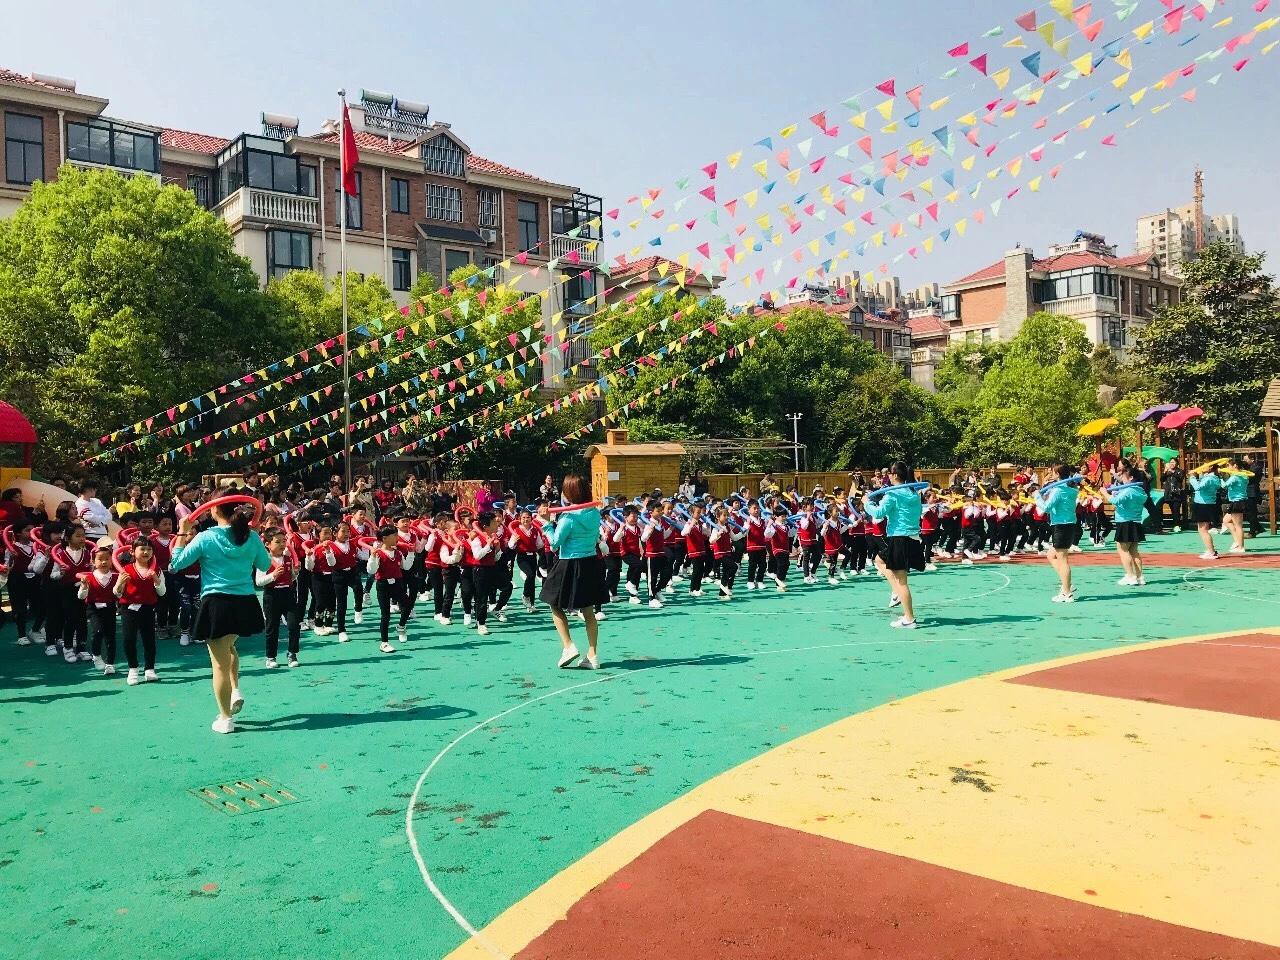 阳光锻炼,快乐早操 ——小太阳艺术幼儿园早操评比活动